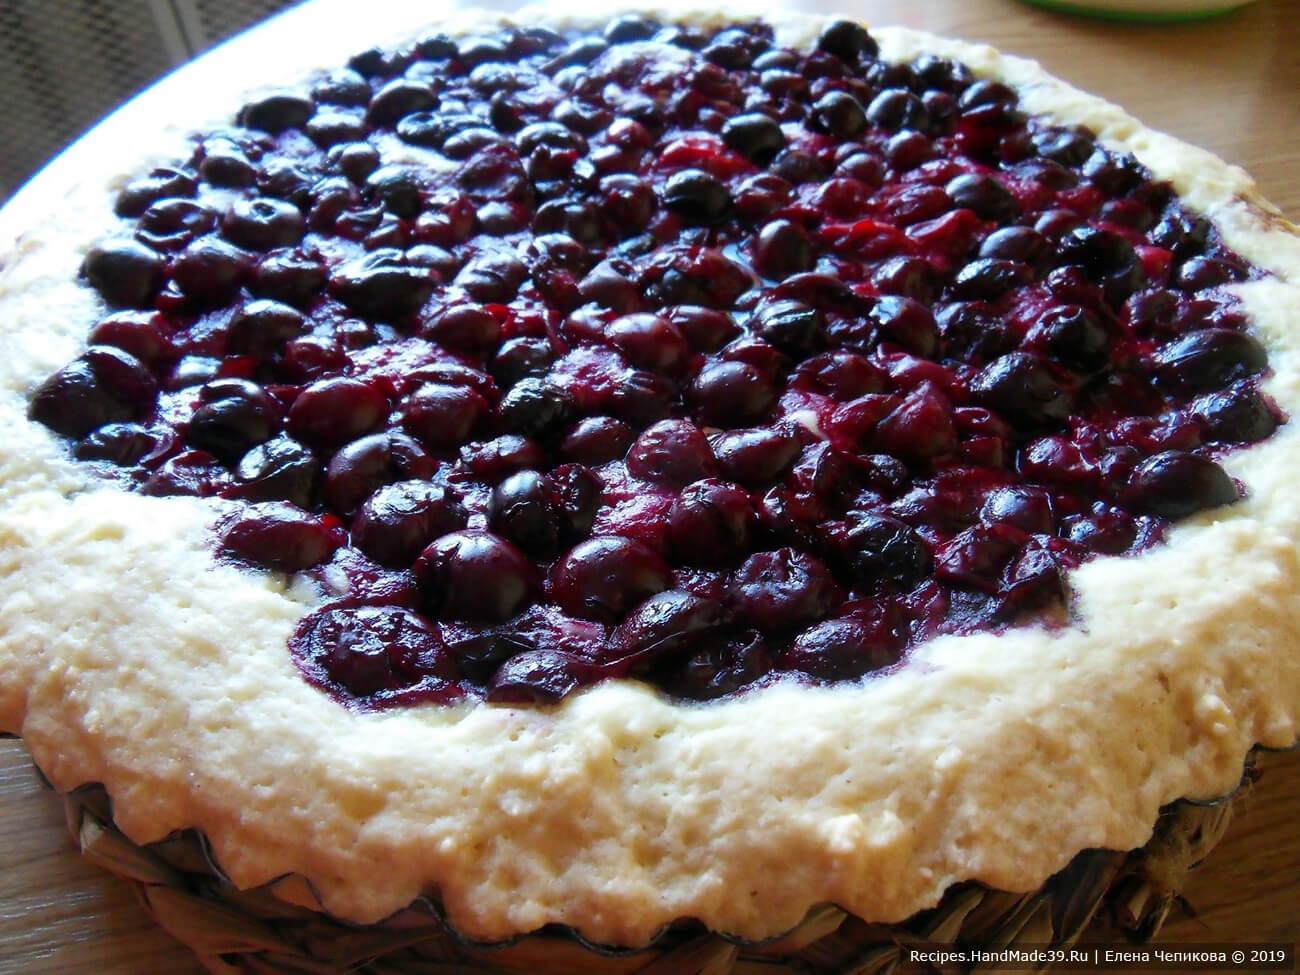 Выпекать пирог 30 минут в духовке, разогретой до температуры 180 °C